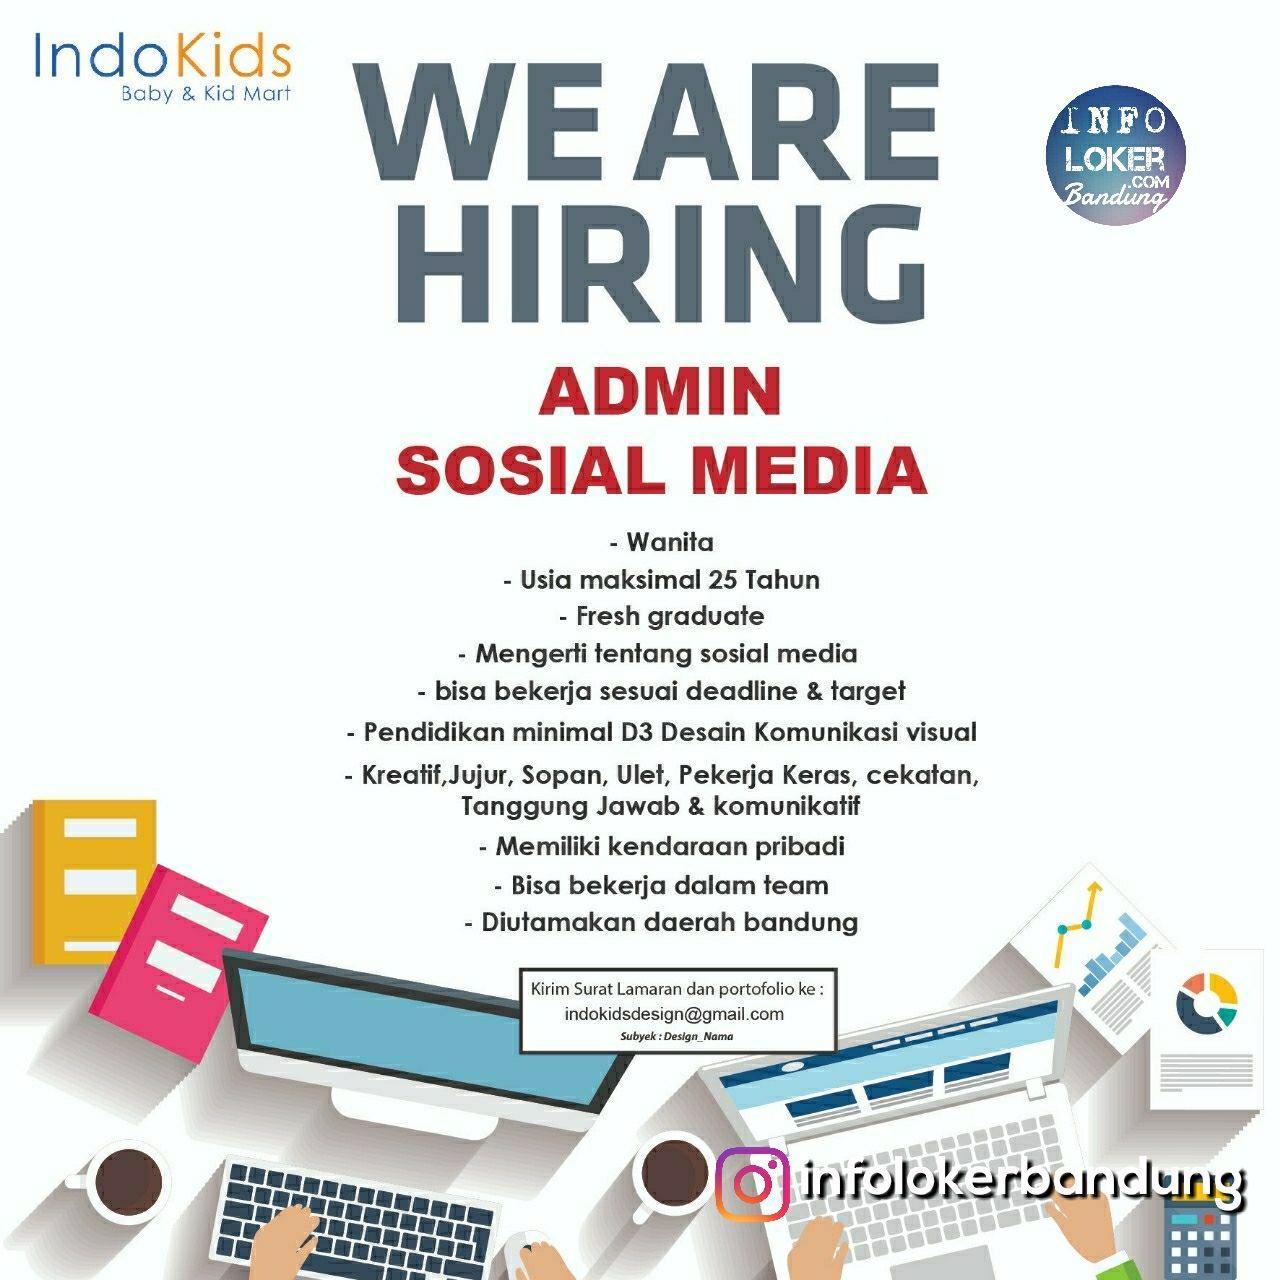 Lowongan Kerja Indokids Baby & Kid Shop Bandung Agustus 2018